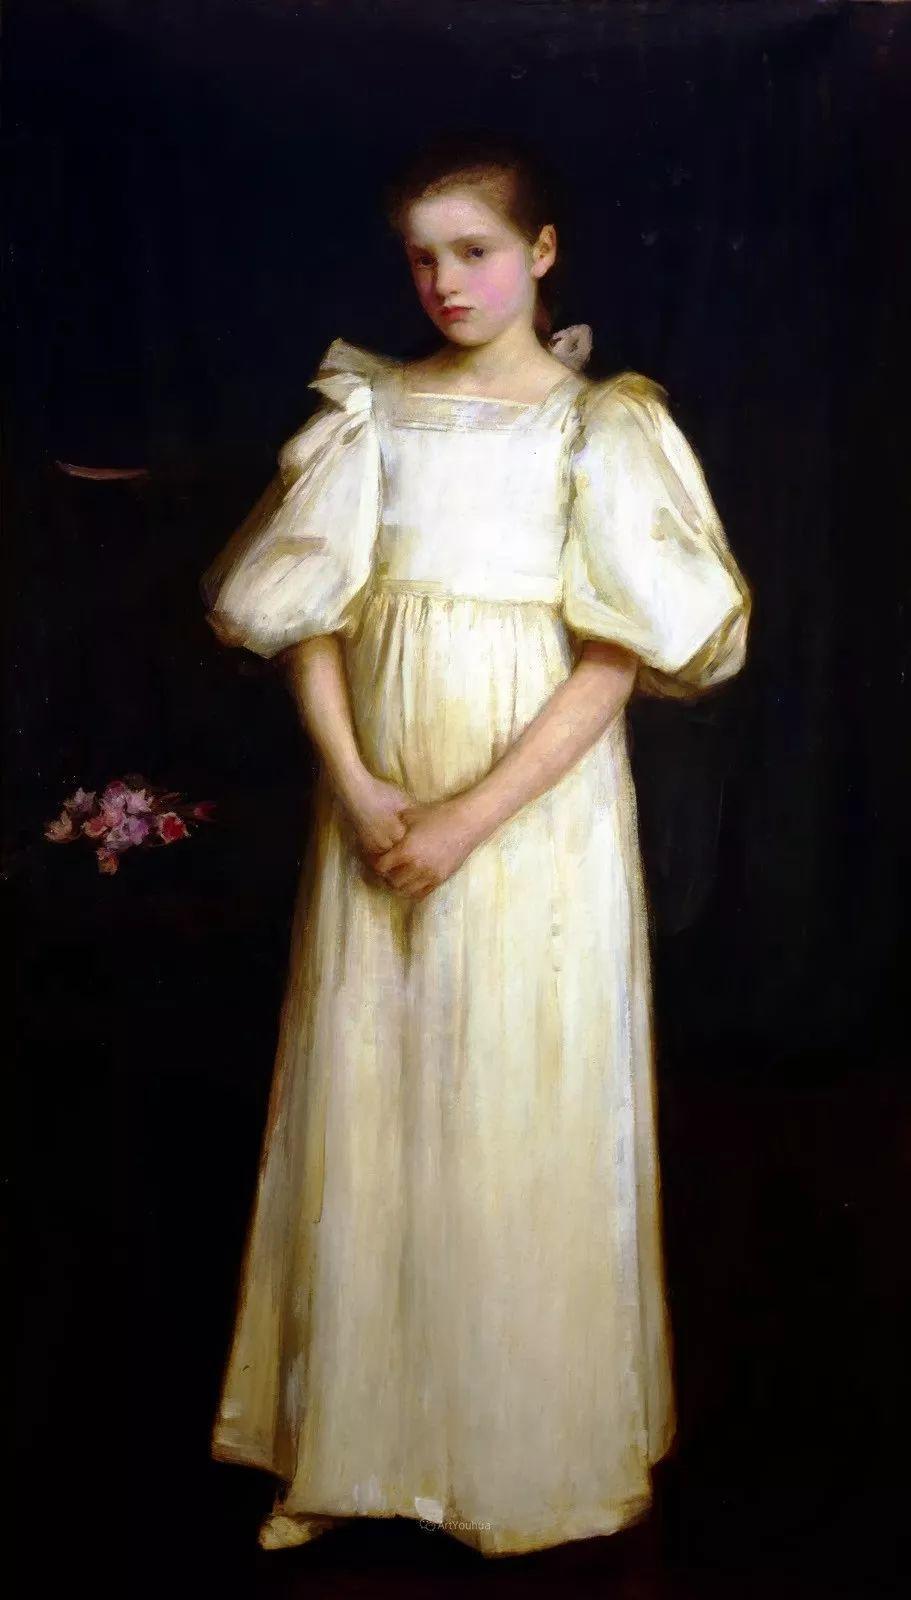 美若天仙的唯美诗性 ,英国皇家美术学院院士约翰·威廉姆·沃特豪斯插图33